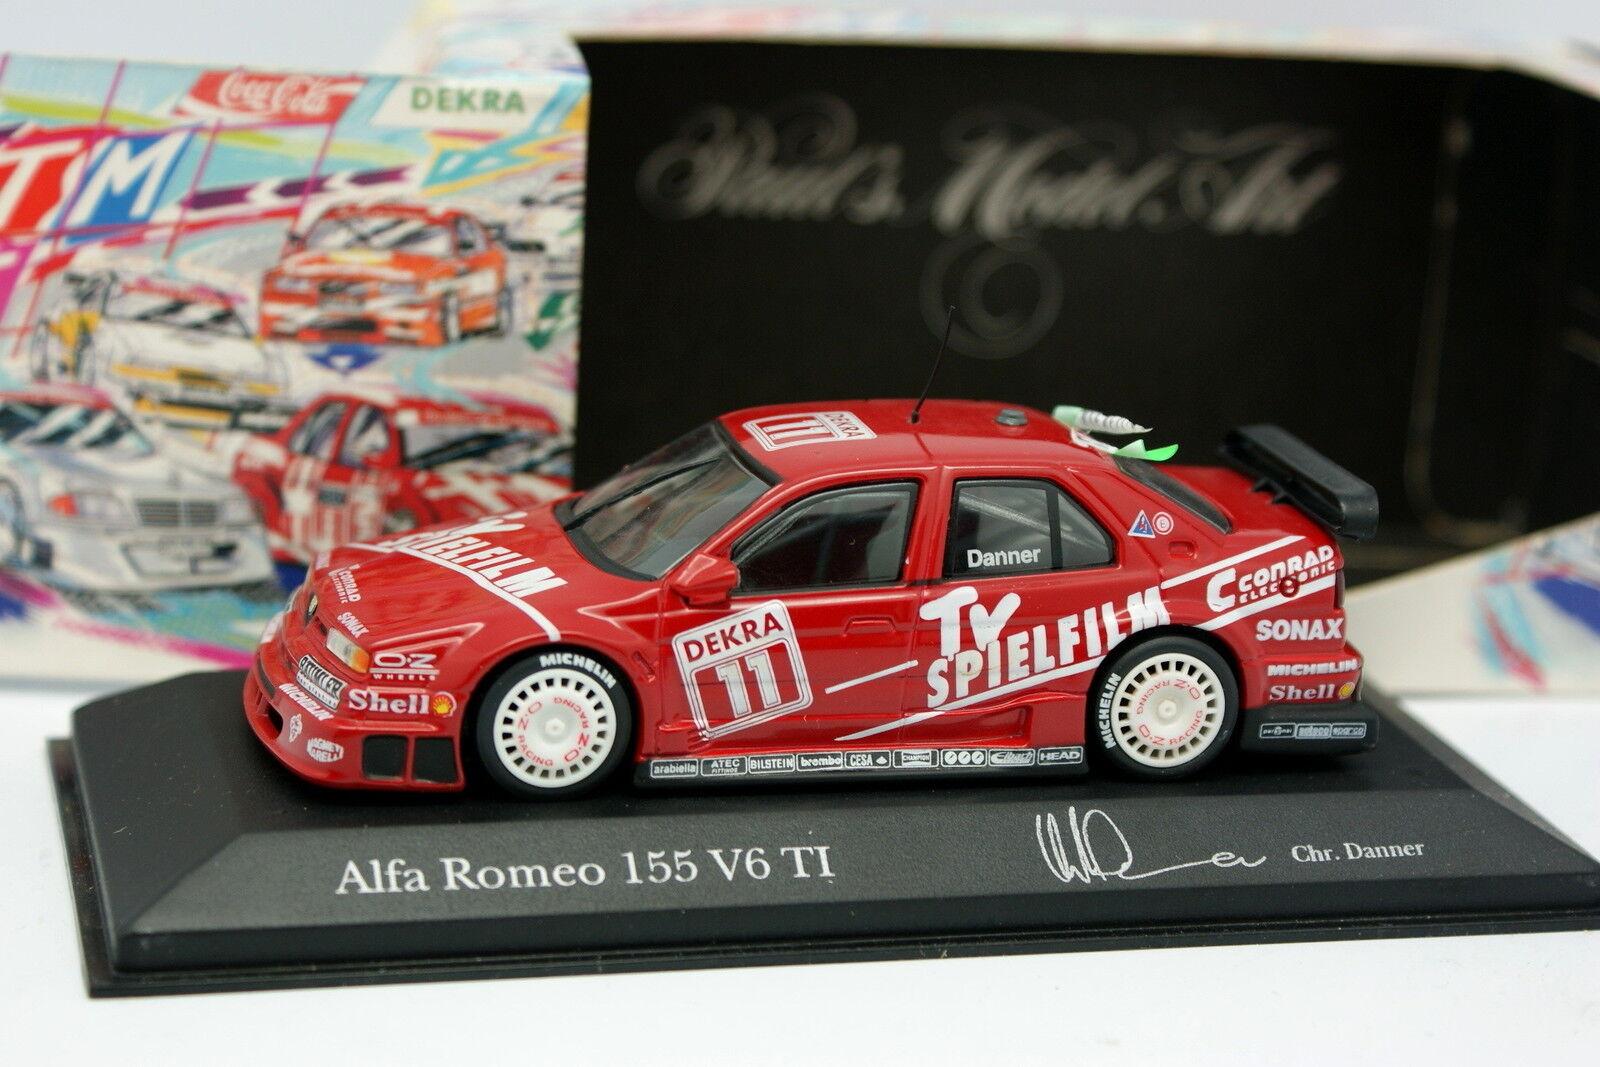 Minichamps 1 43 - Alfa Romeo 155 V6 TI DTM 94 Danner